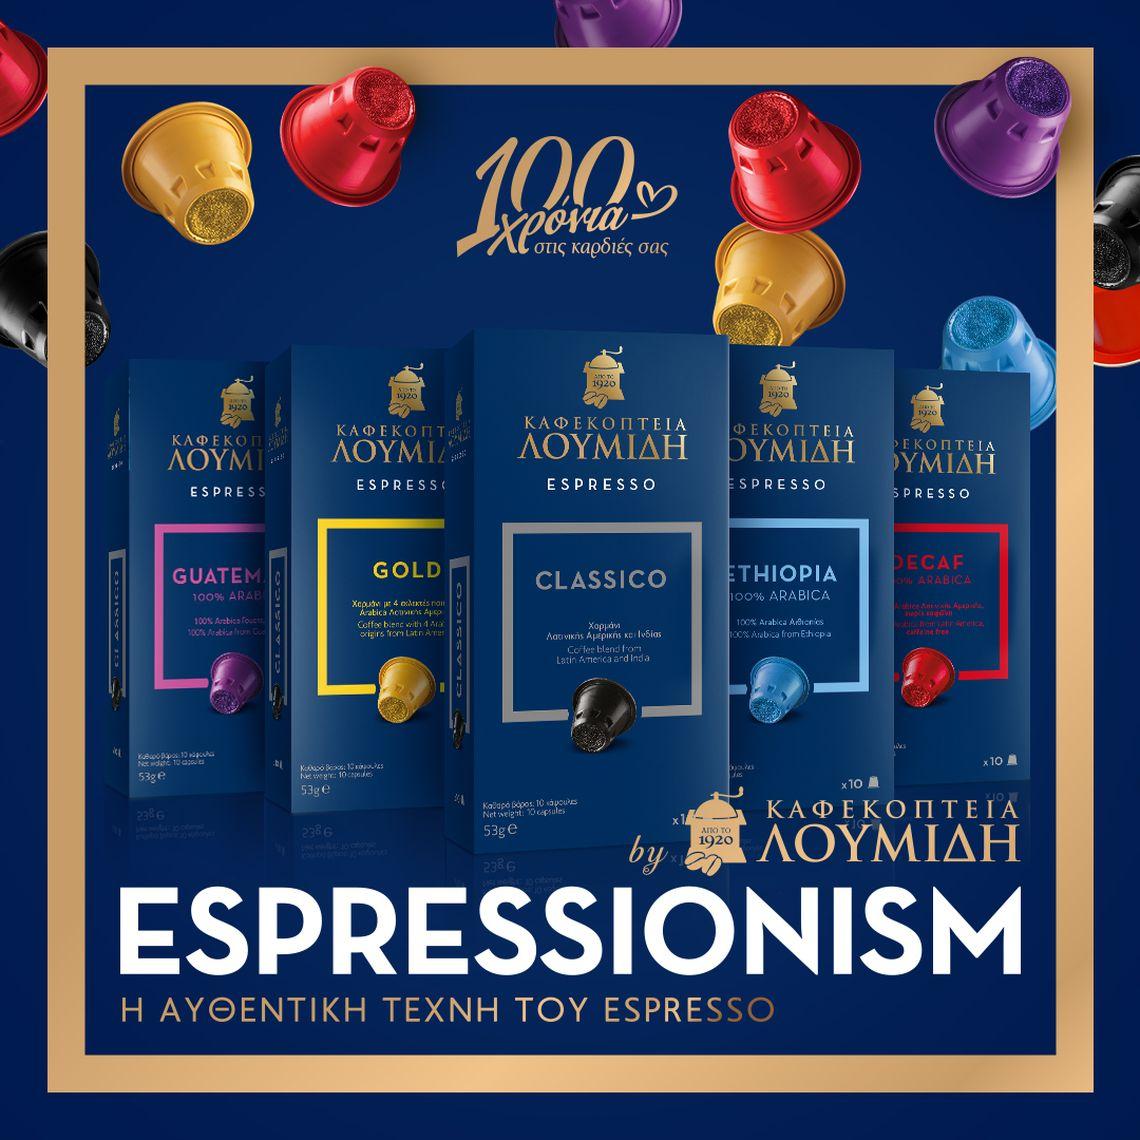 «ESPRESSIONISM»: Η αυθεντική τέχνη του Espresso από τα Καφεκοπτεία Λουμίδη